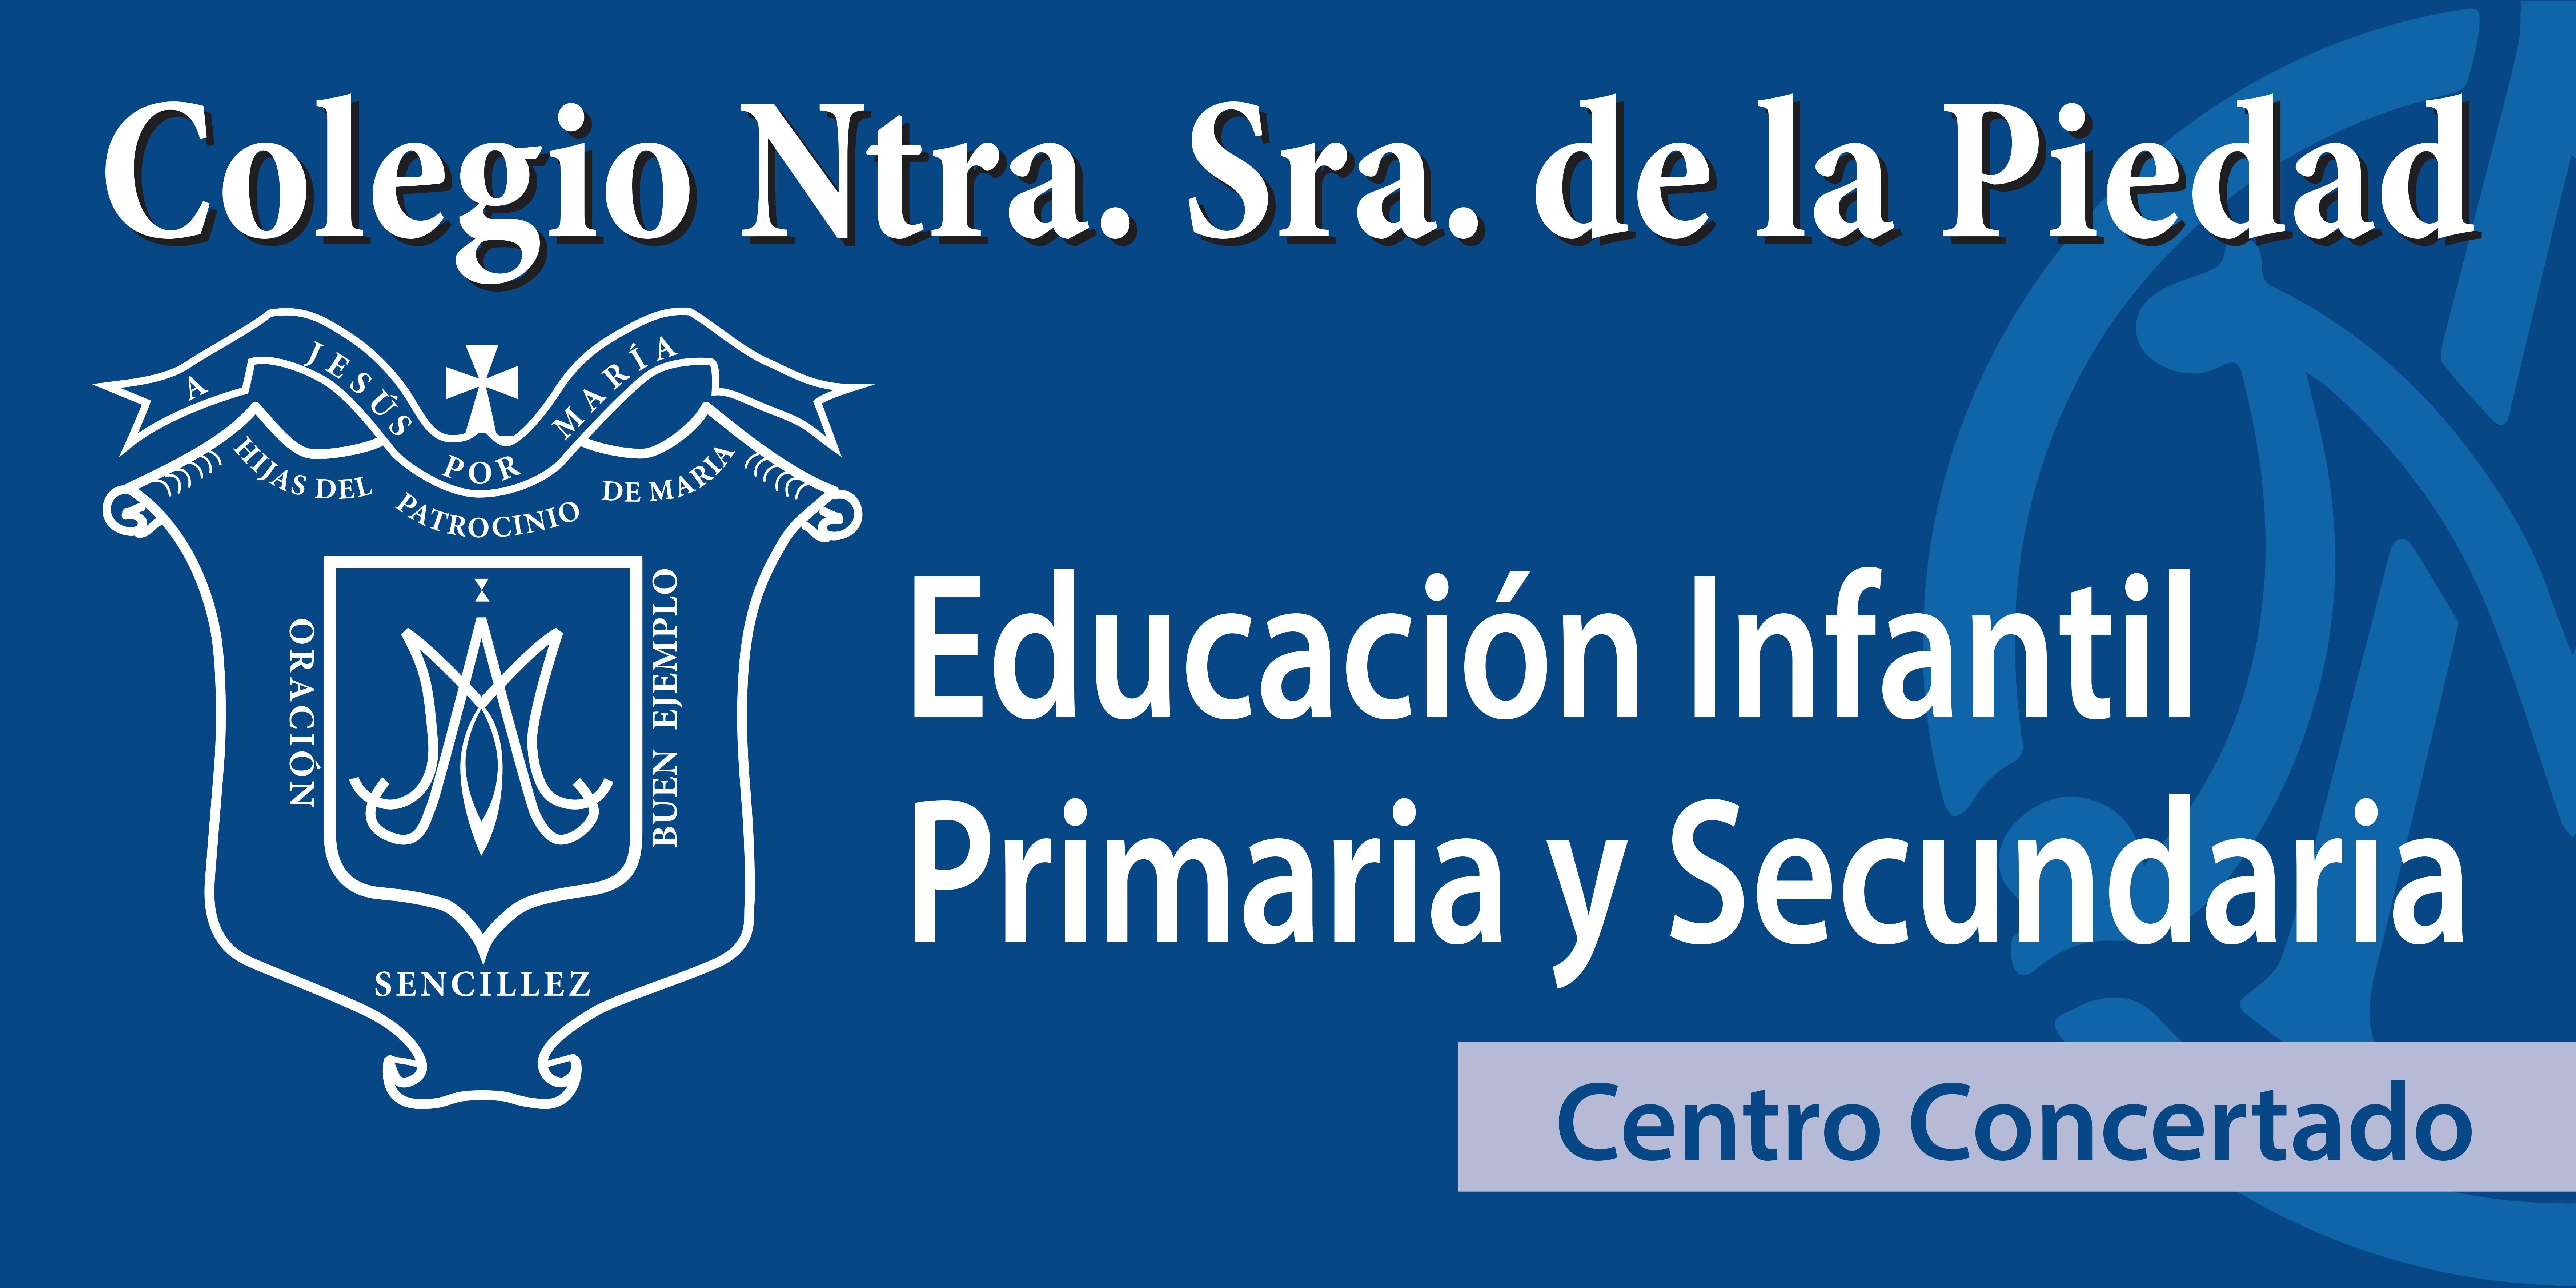 Calendario Escolar 2019 Valladolid Mejores Y Más Novedosos Colegio La Piedad Of Calendario Escolar 2019 Valladolid Más Populares Boe Documento Consolidado Boe A 2018 9268